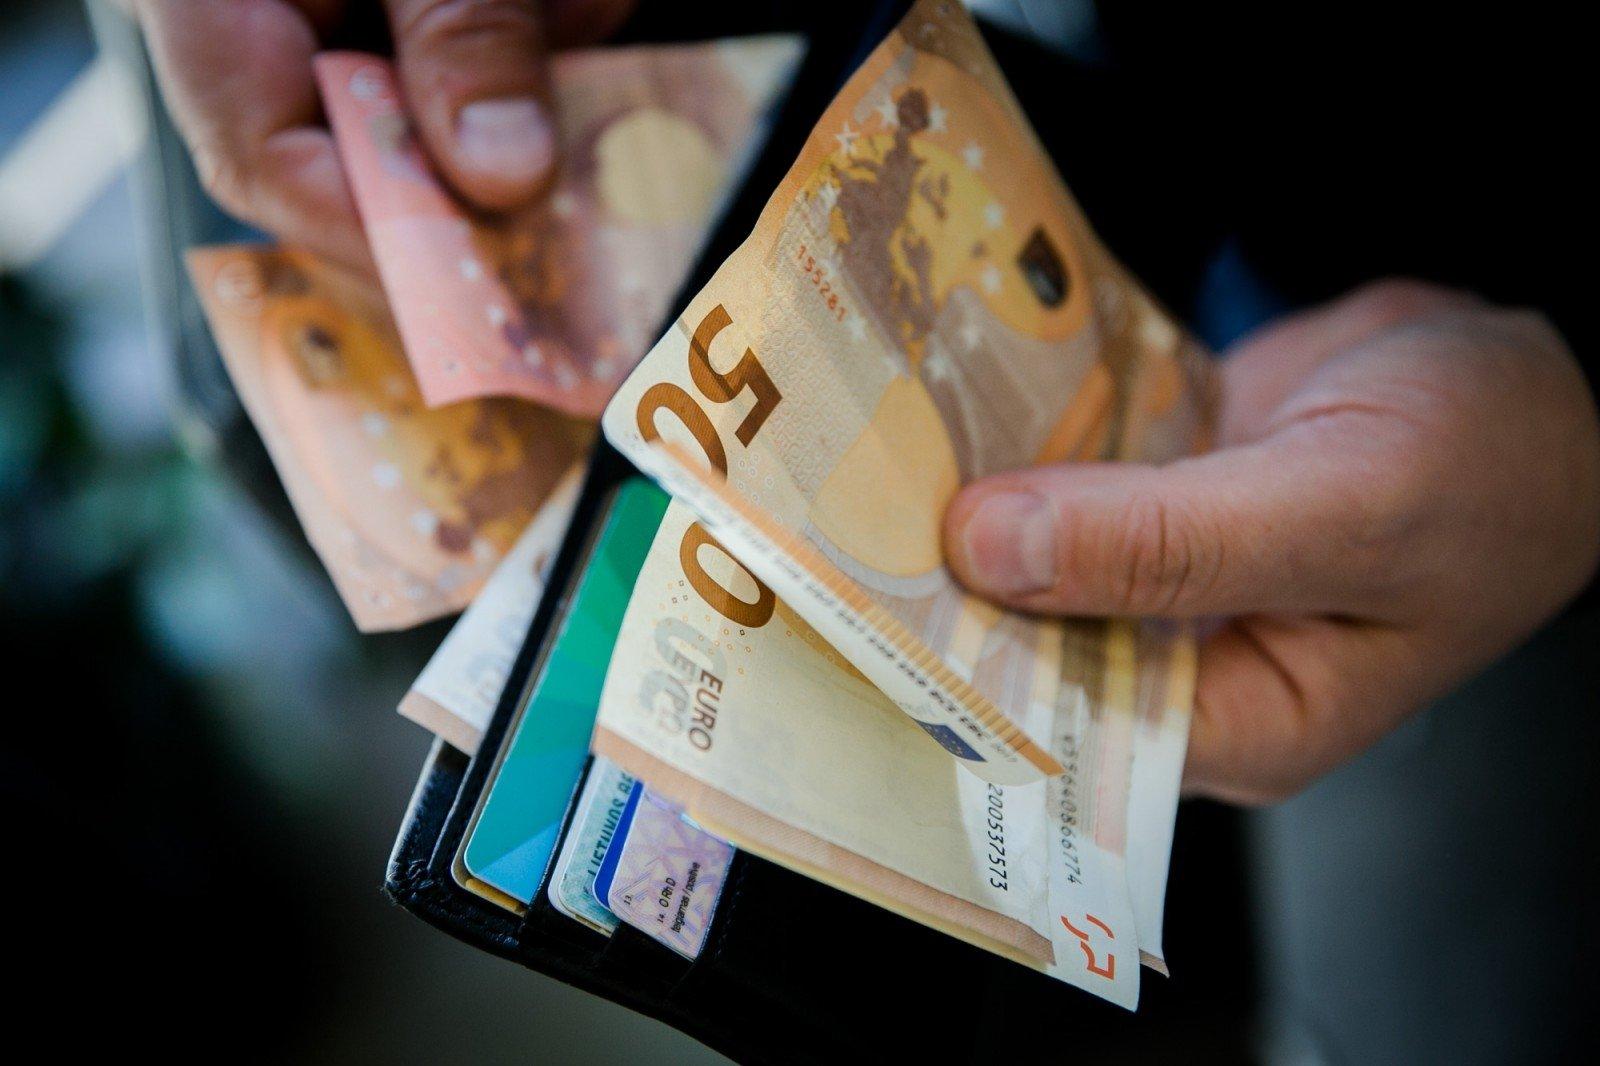 Kaip užsidirbti pinigų? GREITI PINIGAI: 7 būdai užsidirbti 2x atlyginimą!